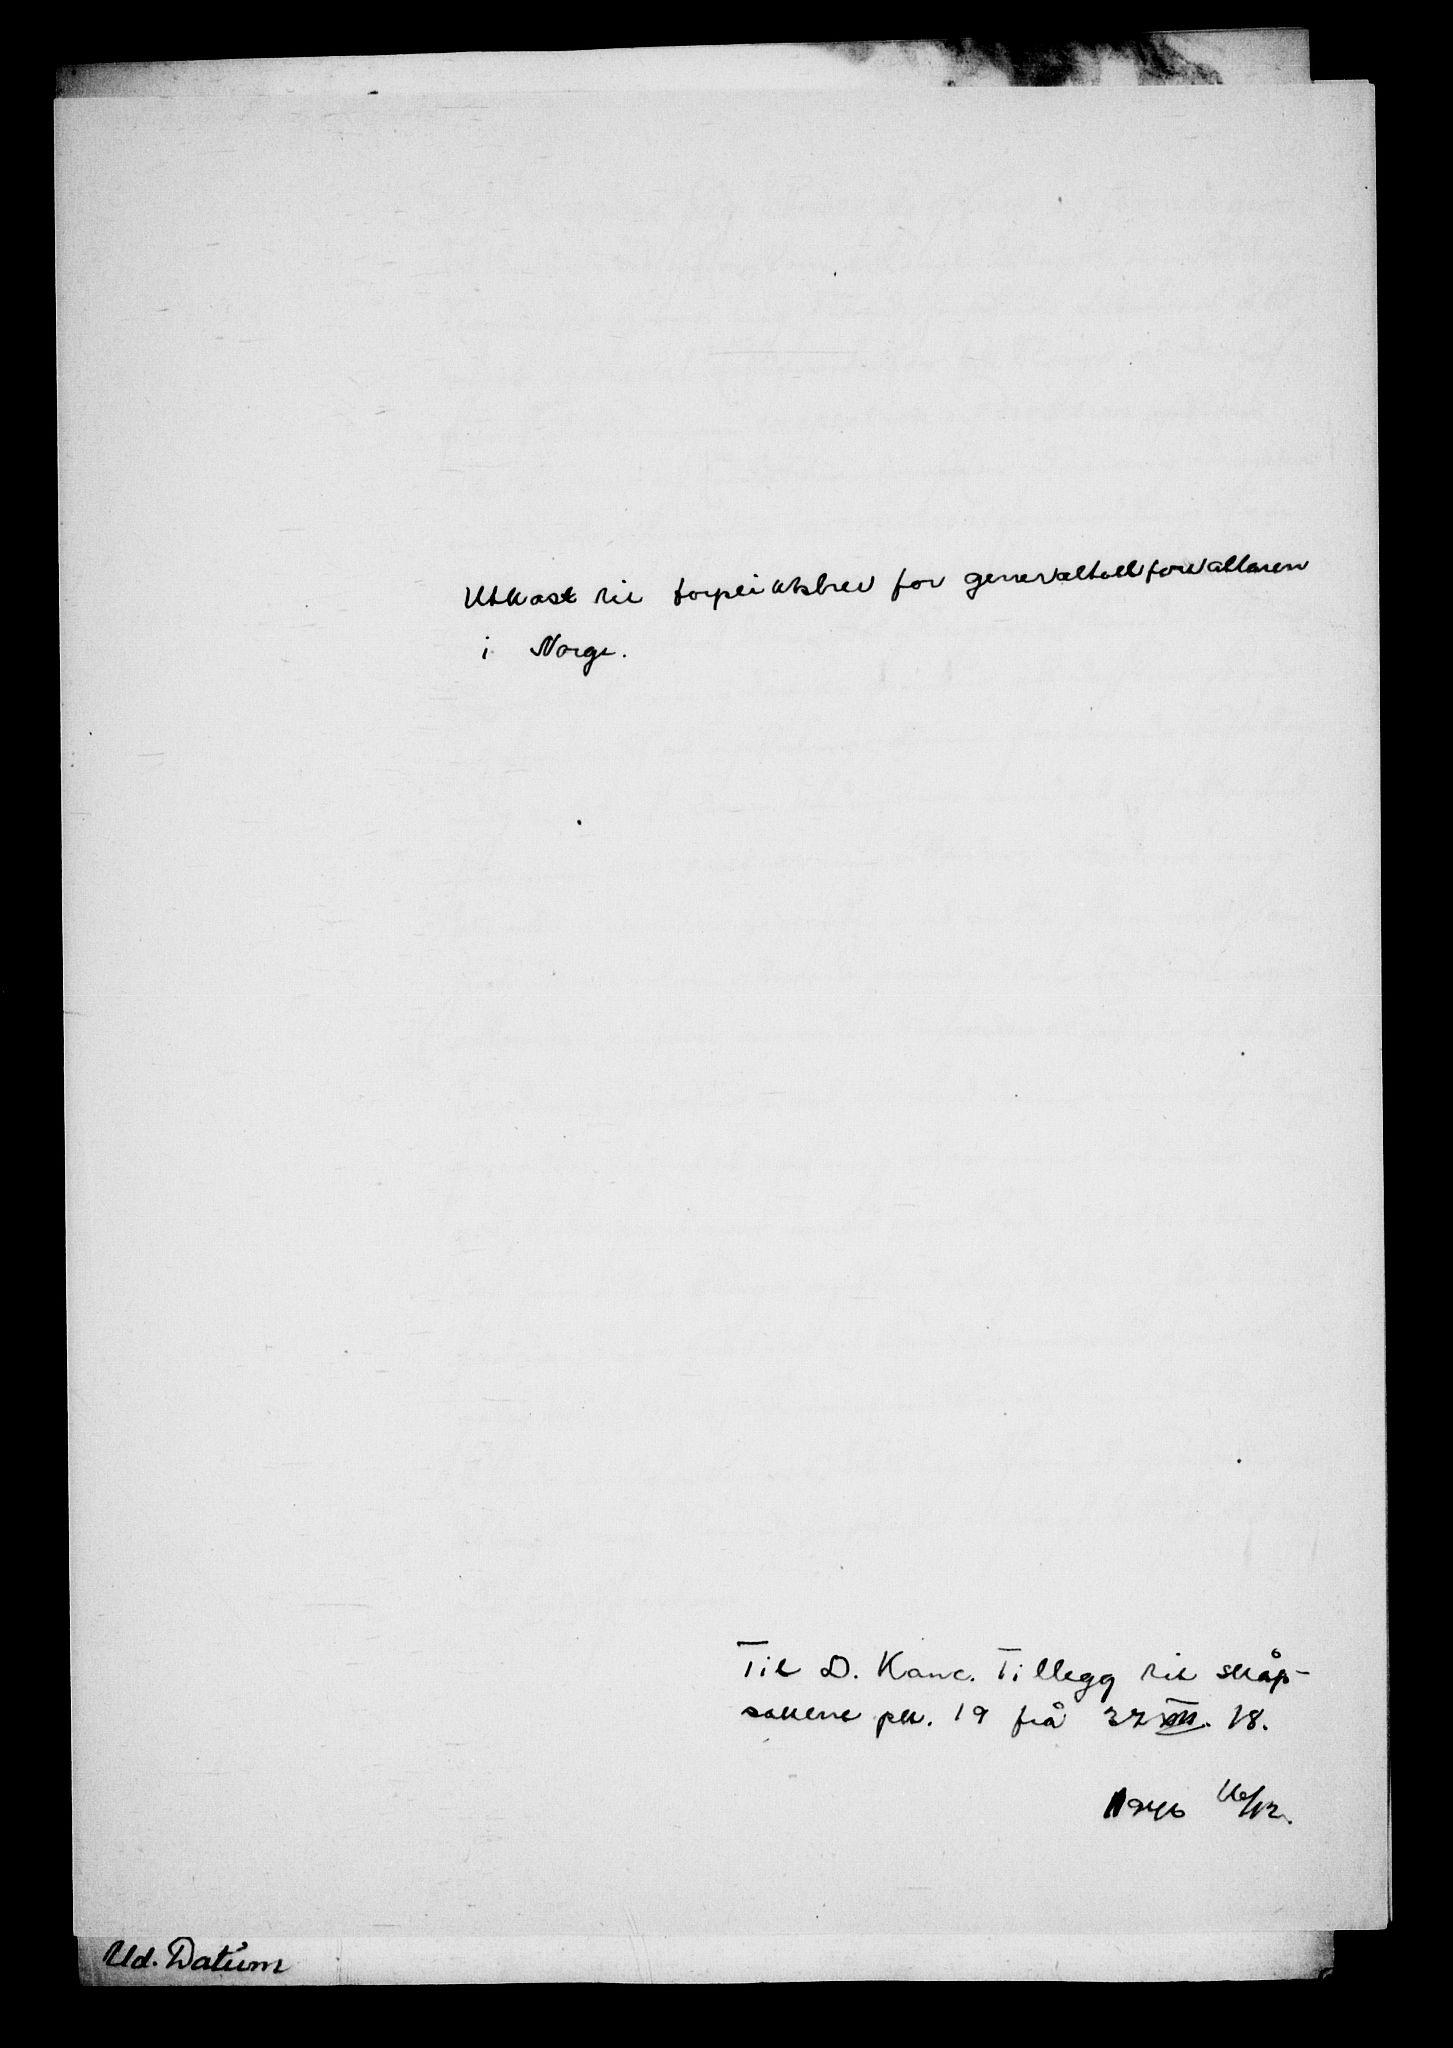 RA, Danske Kanselli, Skapsaker, G/L0019: Tillegg til skapsakene, 1616-1753, p. 151